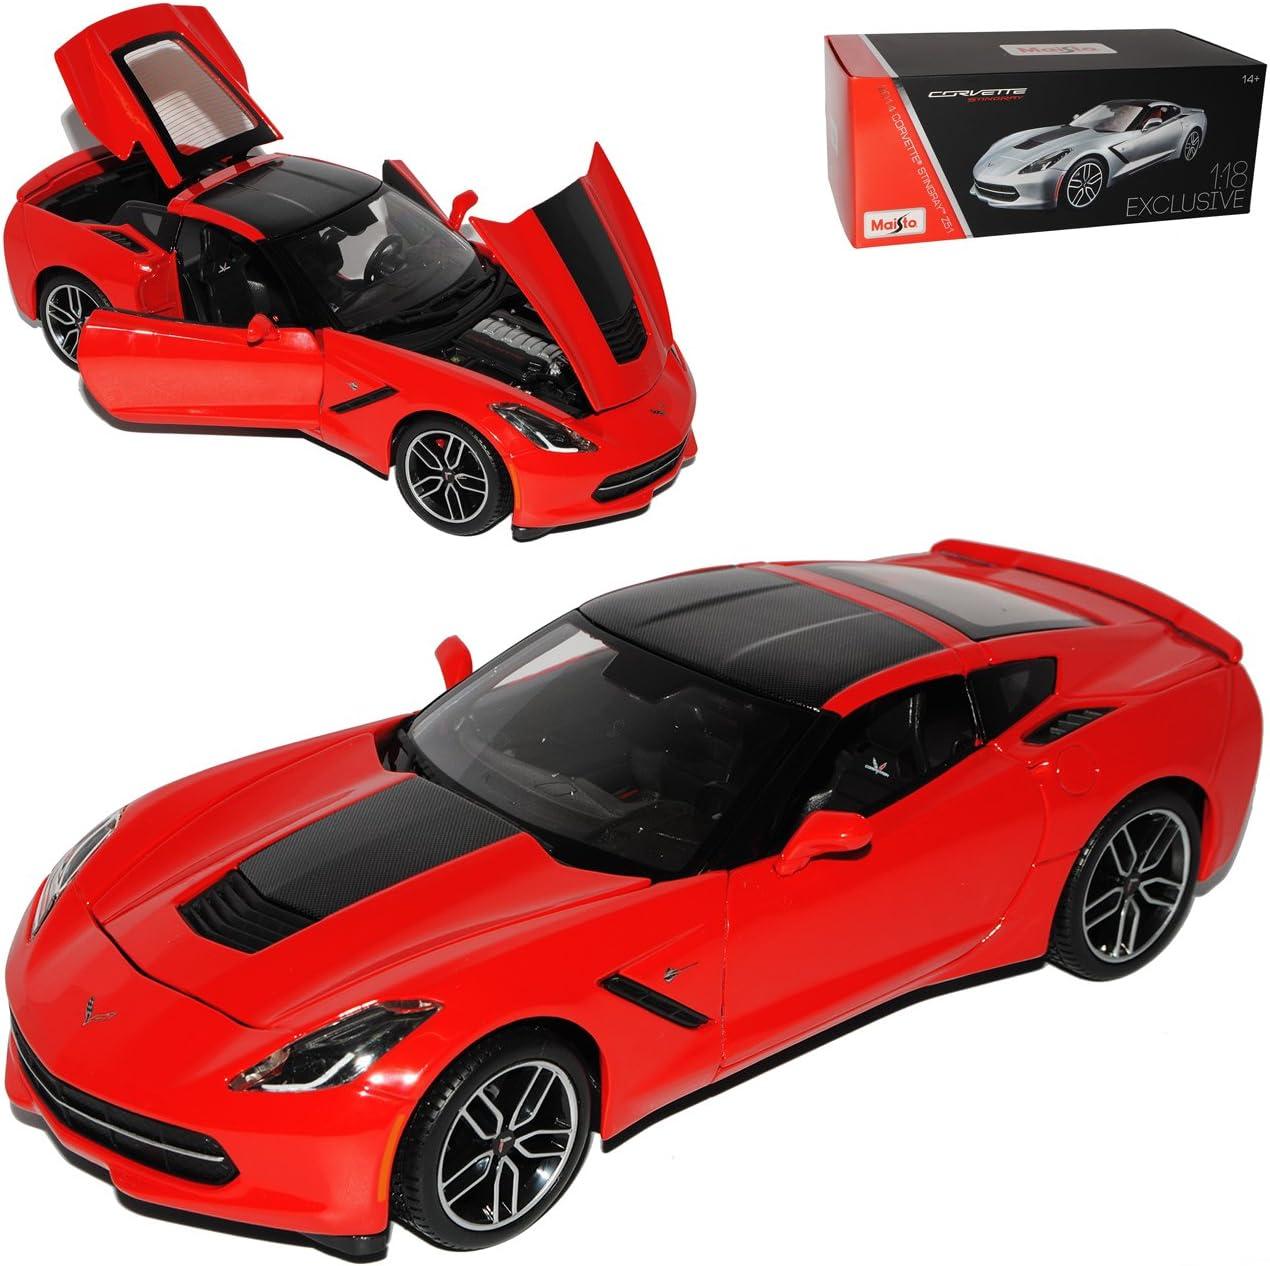 Maisto Chevrolet Chevy Corvette C7 Stingray Coupe Rot Schwarz Z51 Ab 2013 Exclusive Collection 1//18 Modell Auto mit individiuellem Wunschkennzeichen